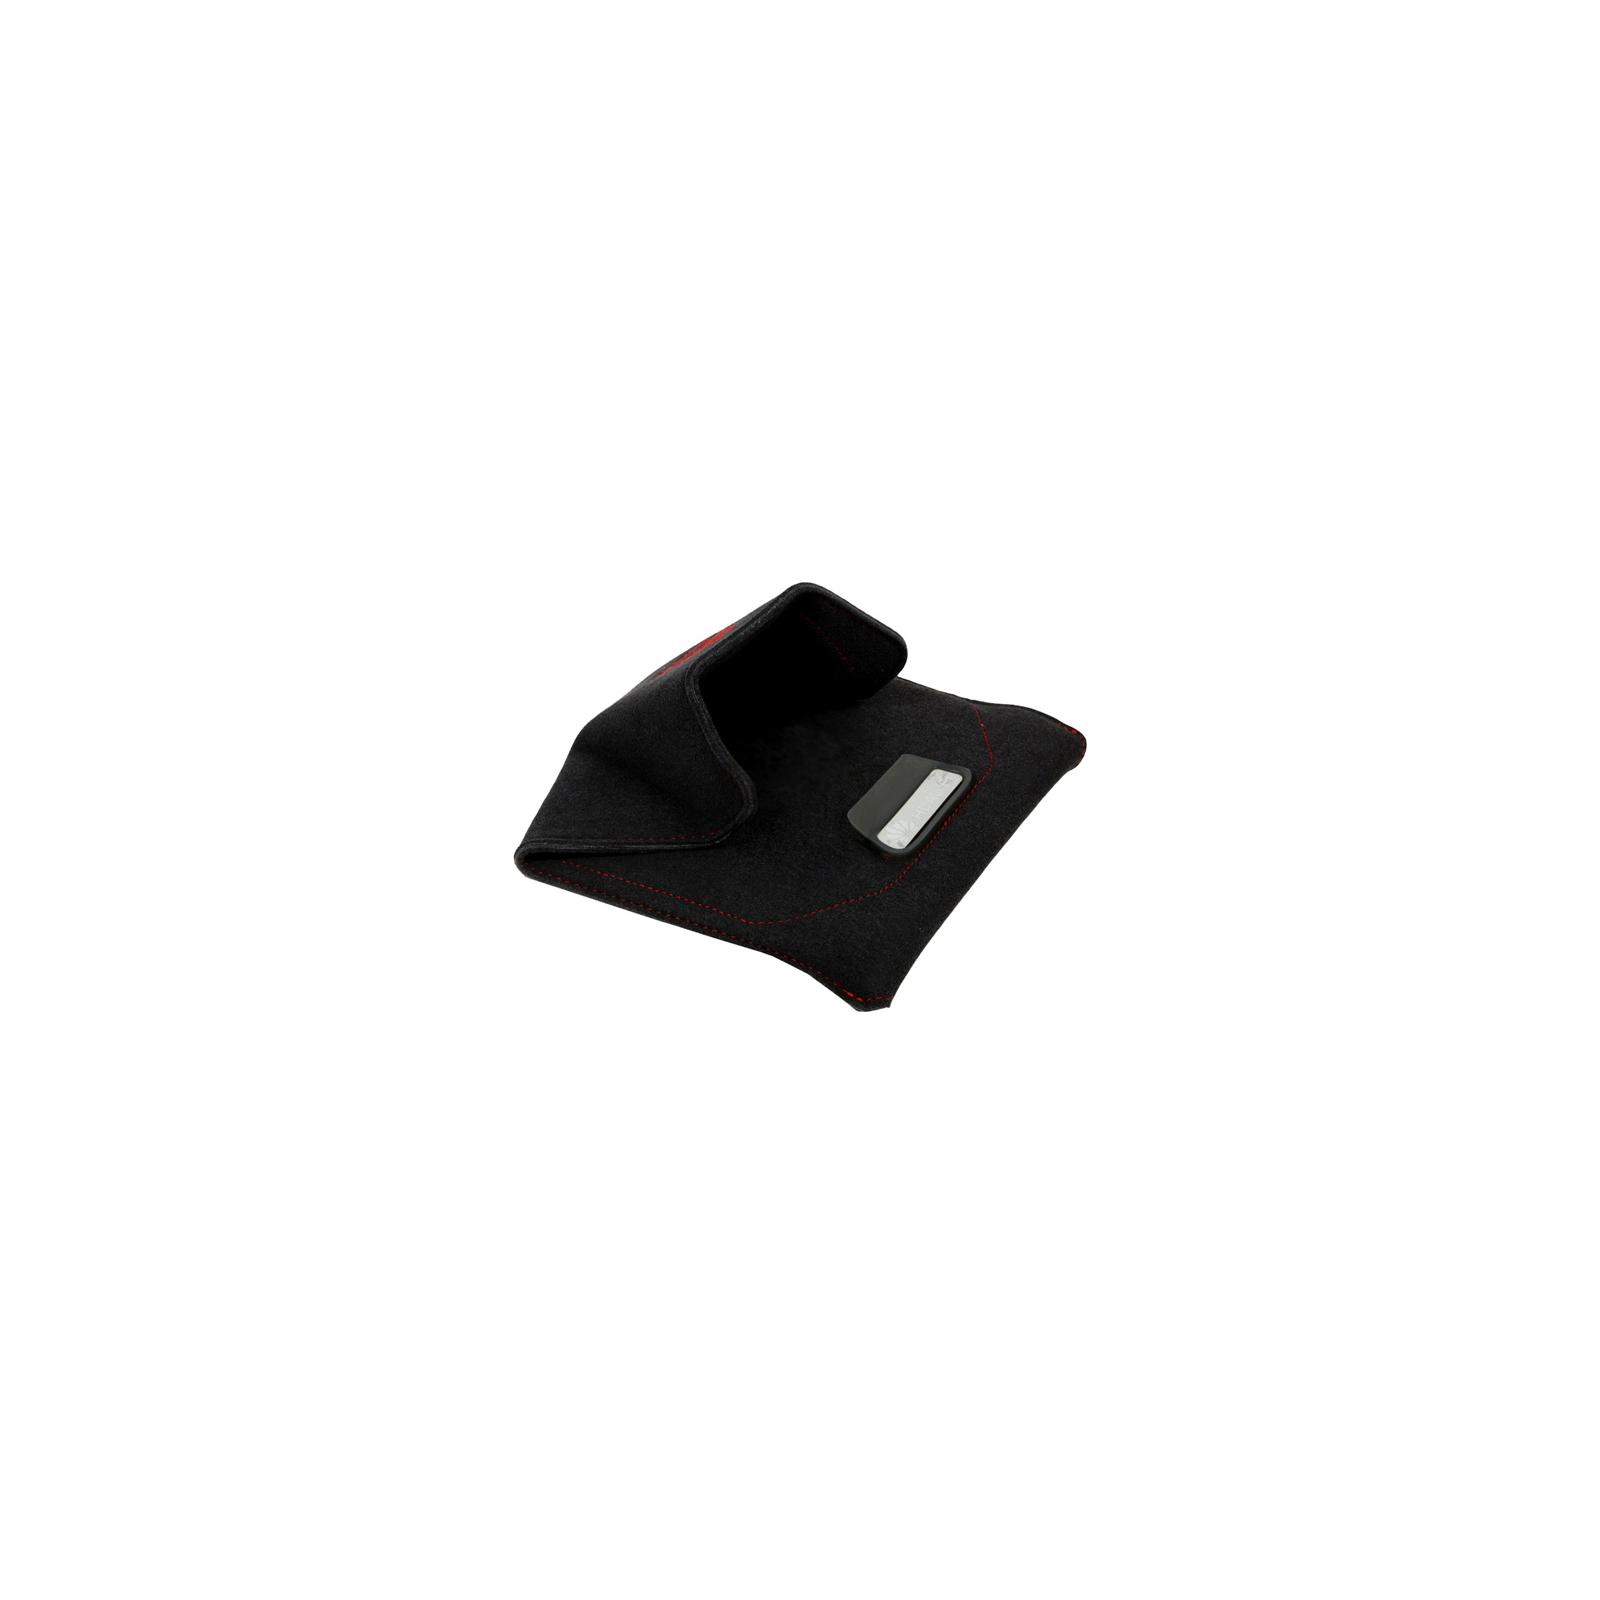 Чехол для планшета Huawei 7 MediaPad Microfiber Case Folding (51990175) изображение 3